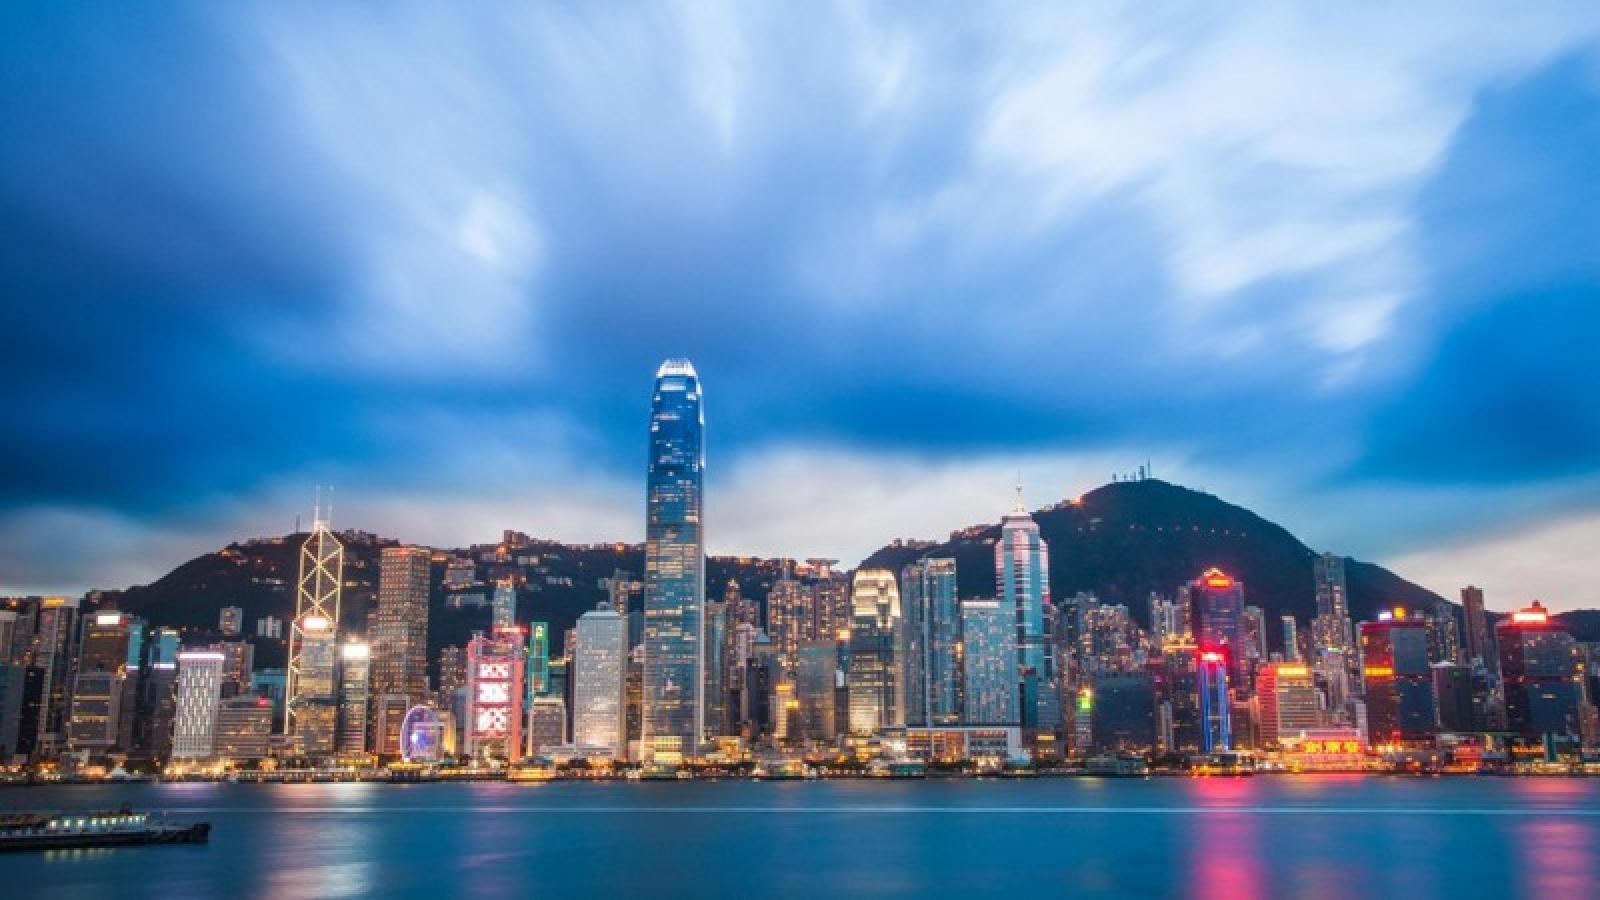 Trung Quốc lên án lệnh trừng phạt của Mỹ liên quan đến Hong Kong